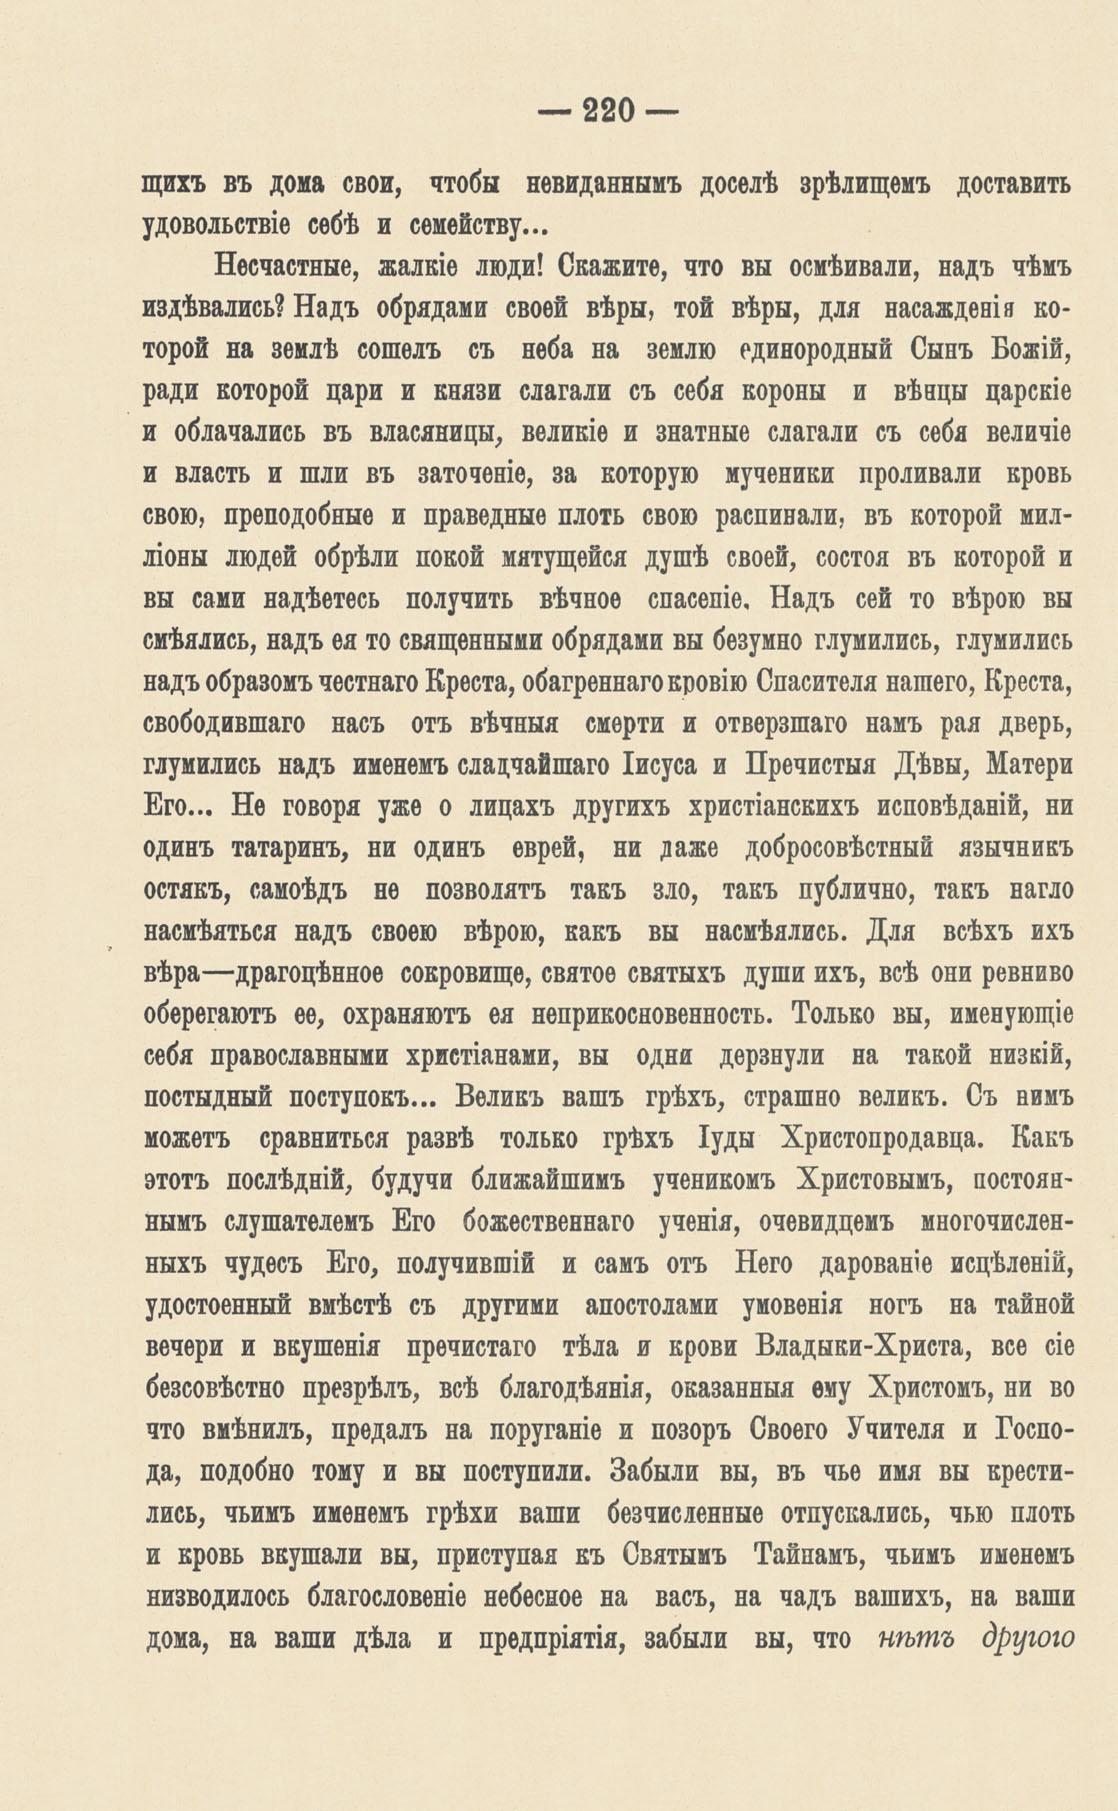 епархиальные ведомости_номер 1мо от вященника тихомирова_659 660